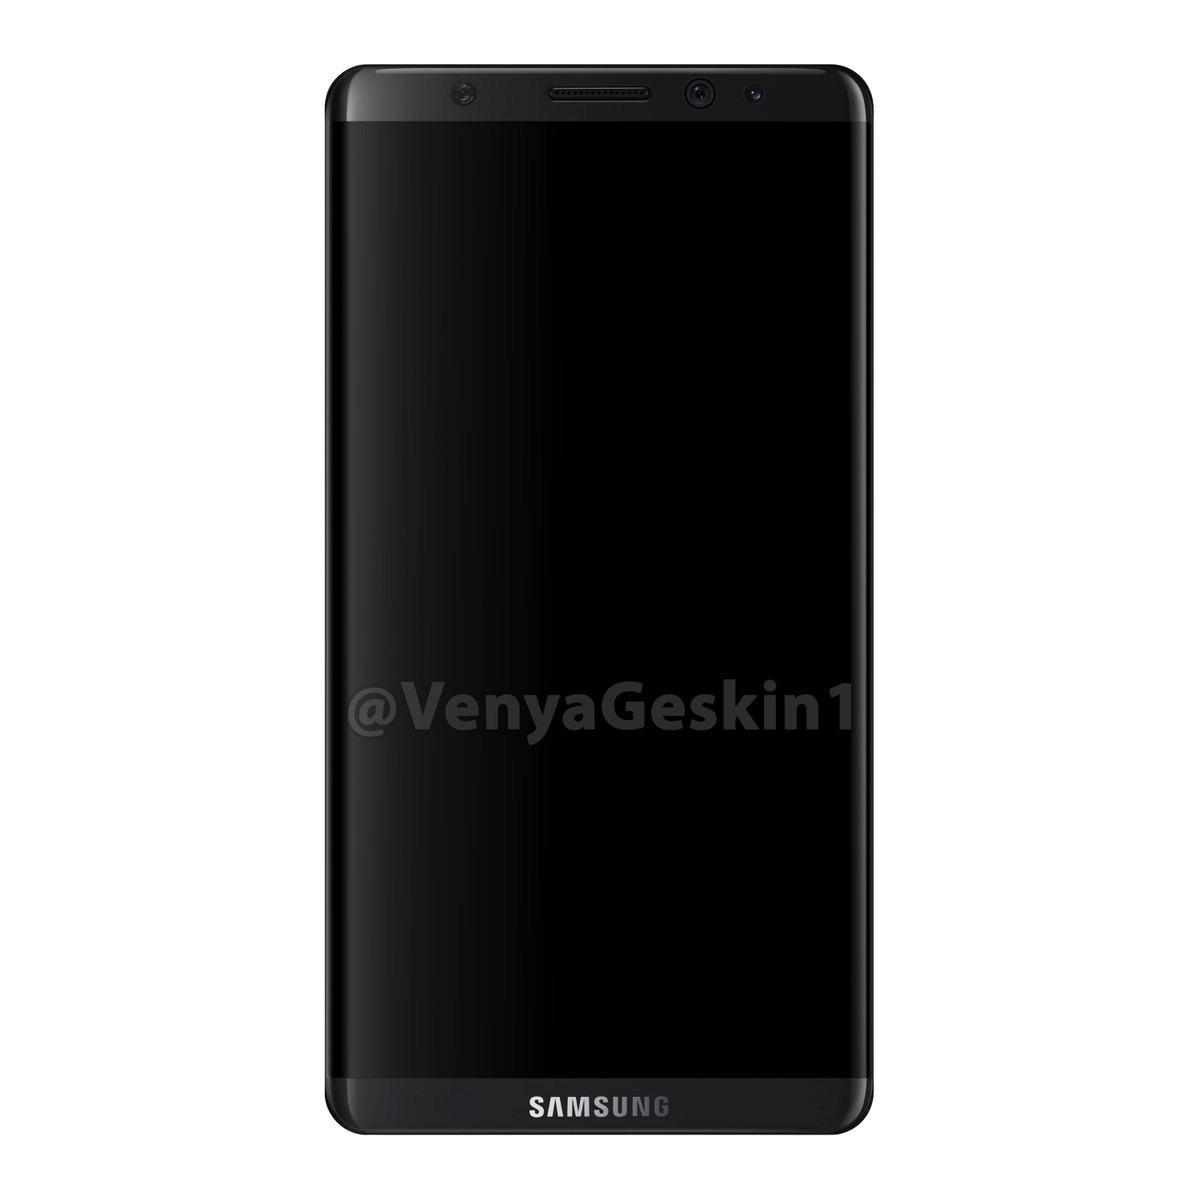 Galaxy S8 lộ diện với ngoại hình đẹp miễn chê, iPhone sẽ ế dài cổ cho xem - Ảnh 2.